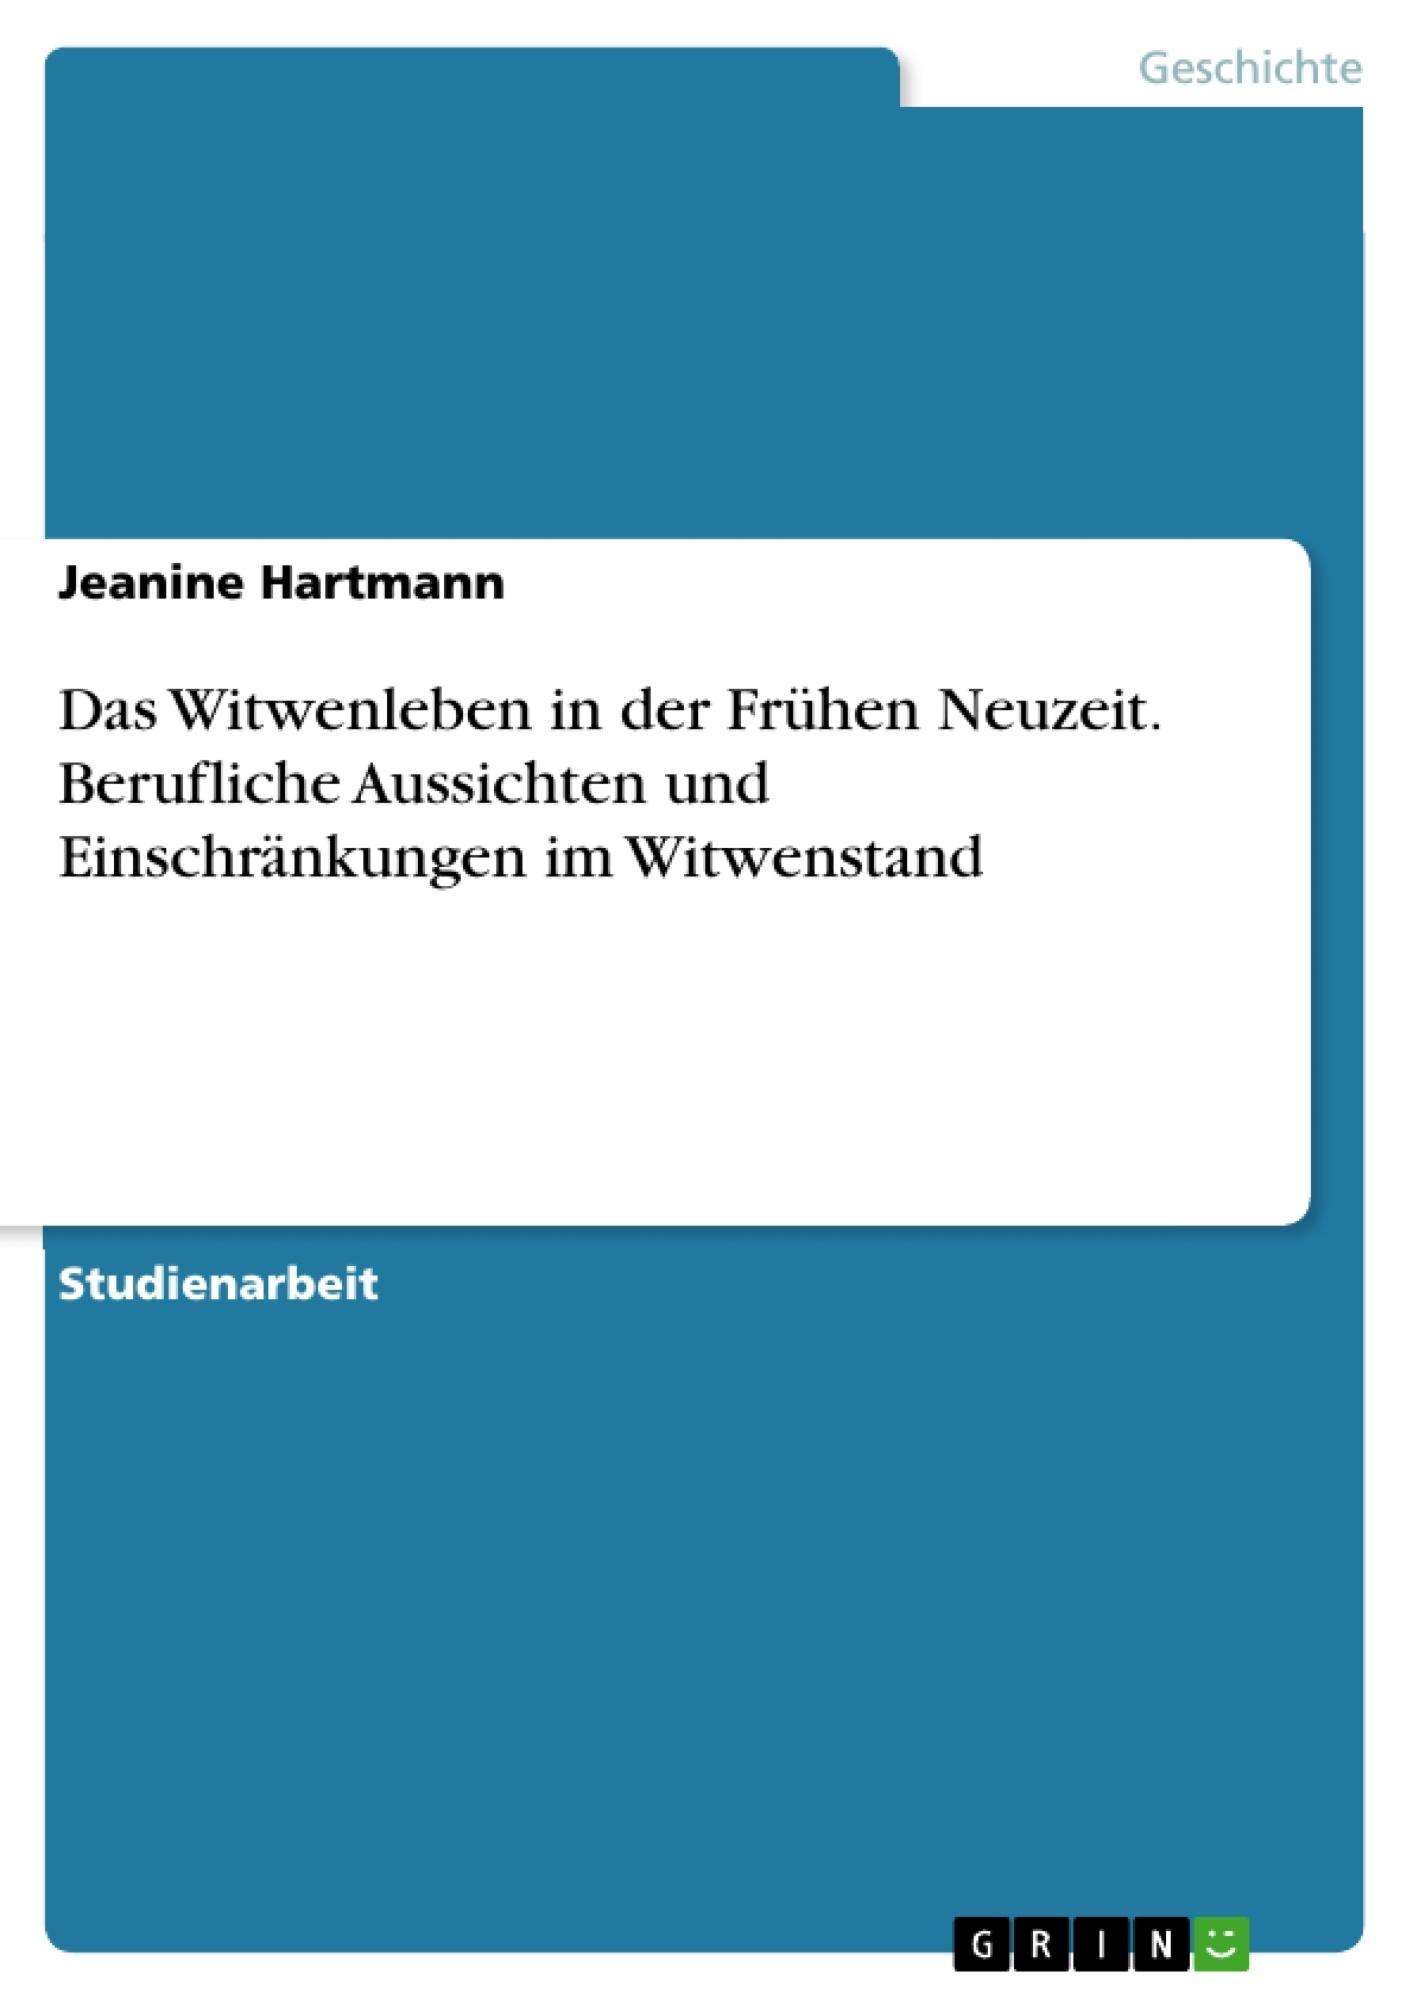 Titel: Das Witwenleben in der Frühen Neuzeit. Berufliche Aussichten und Einschränkungen im Witwenstand